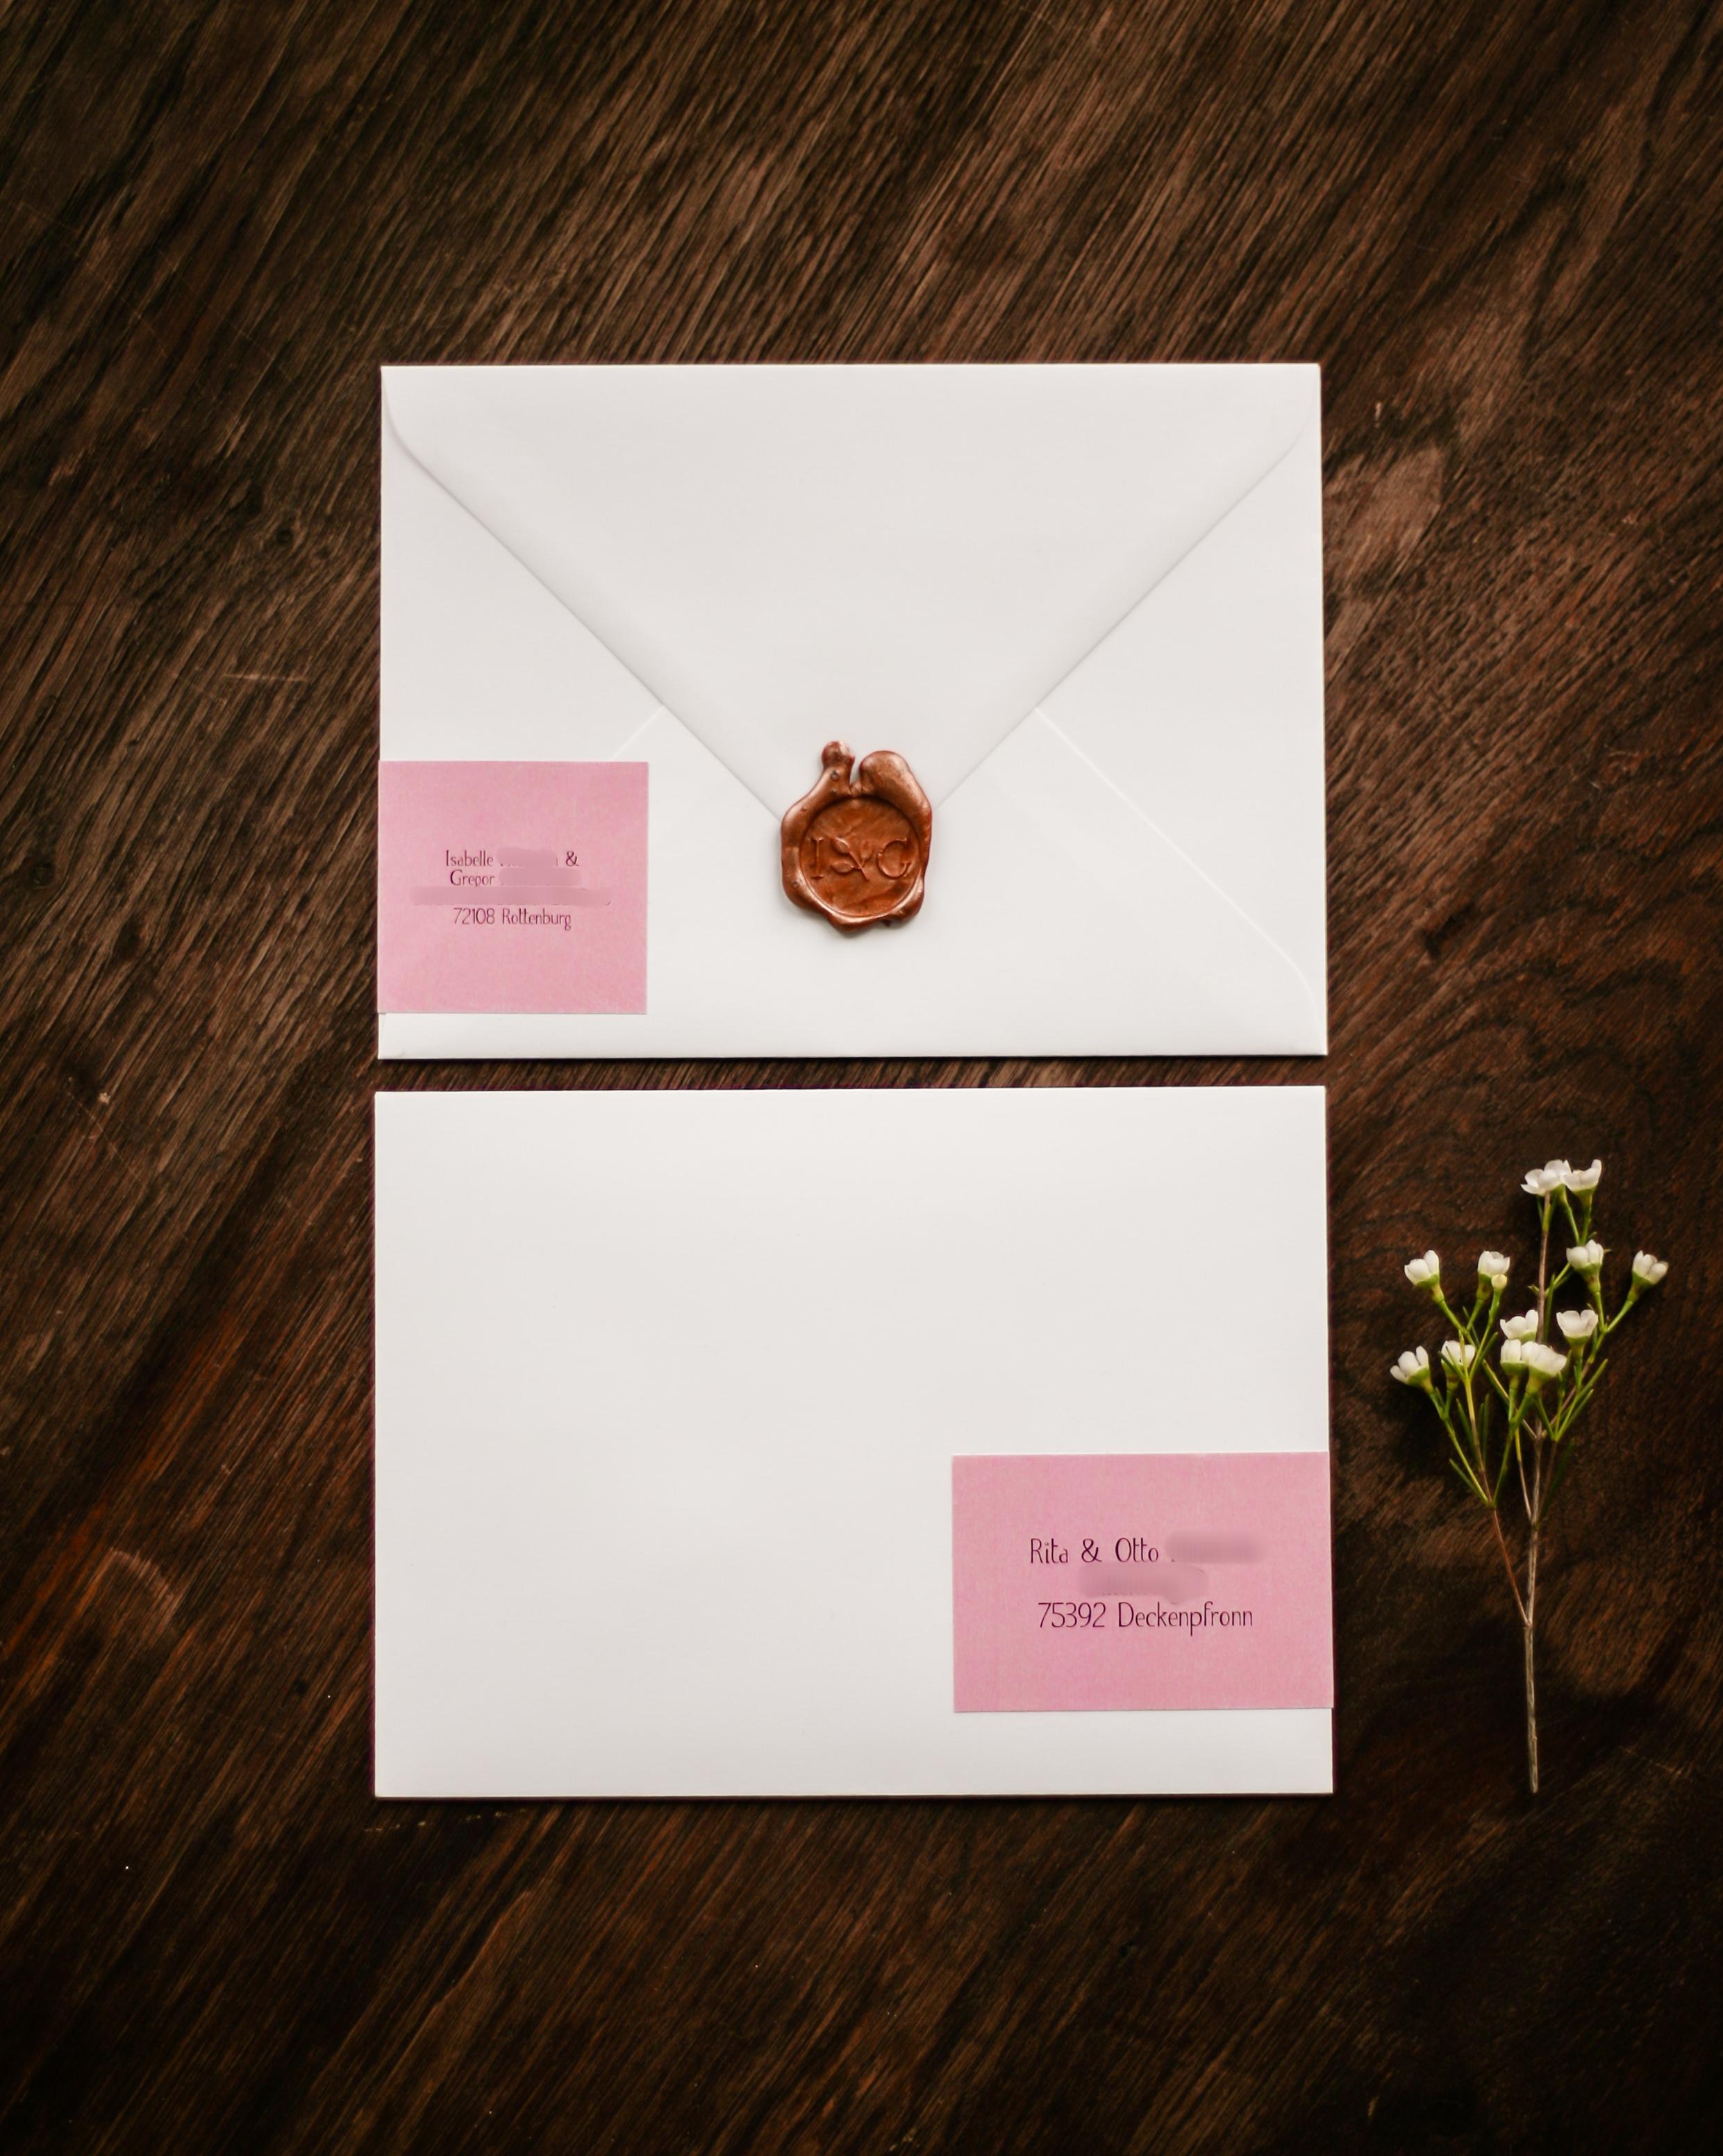 Briefumschlag Einladung mit Siegelstempel Kupfer und Adressaufkleber, Vorder- und Rückseite